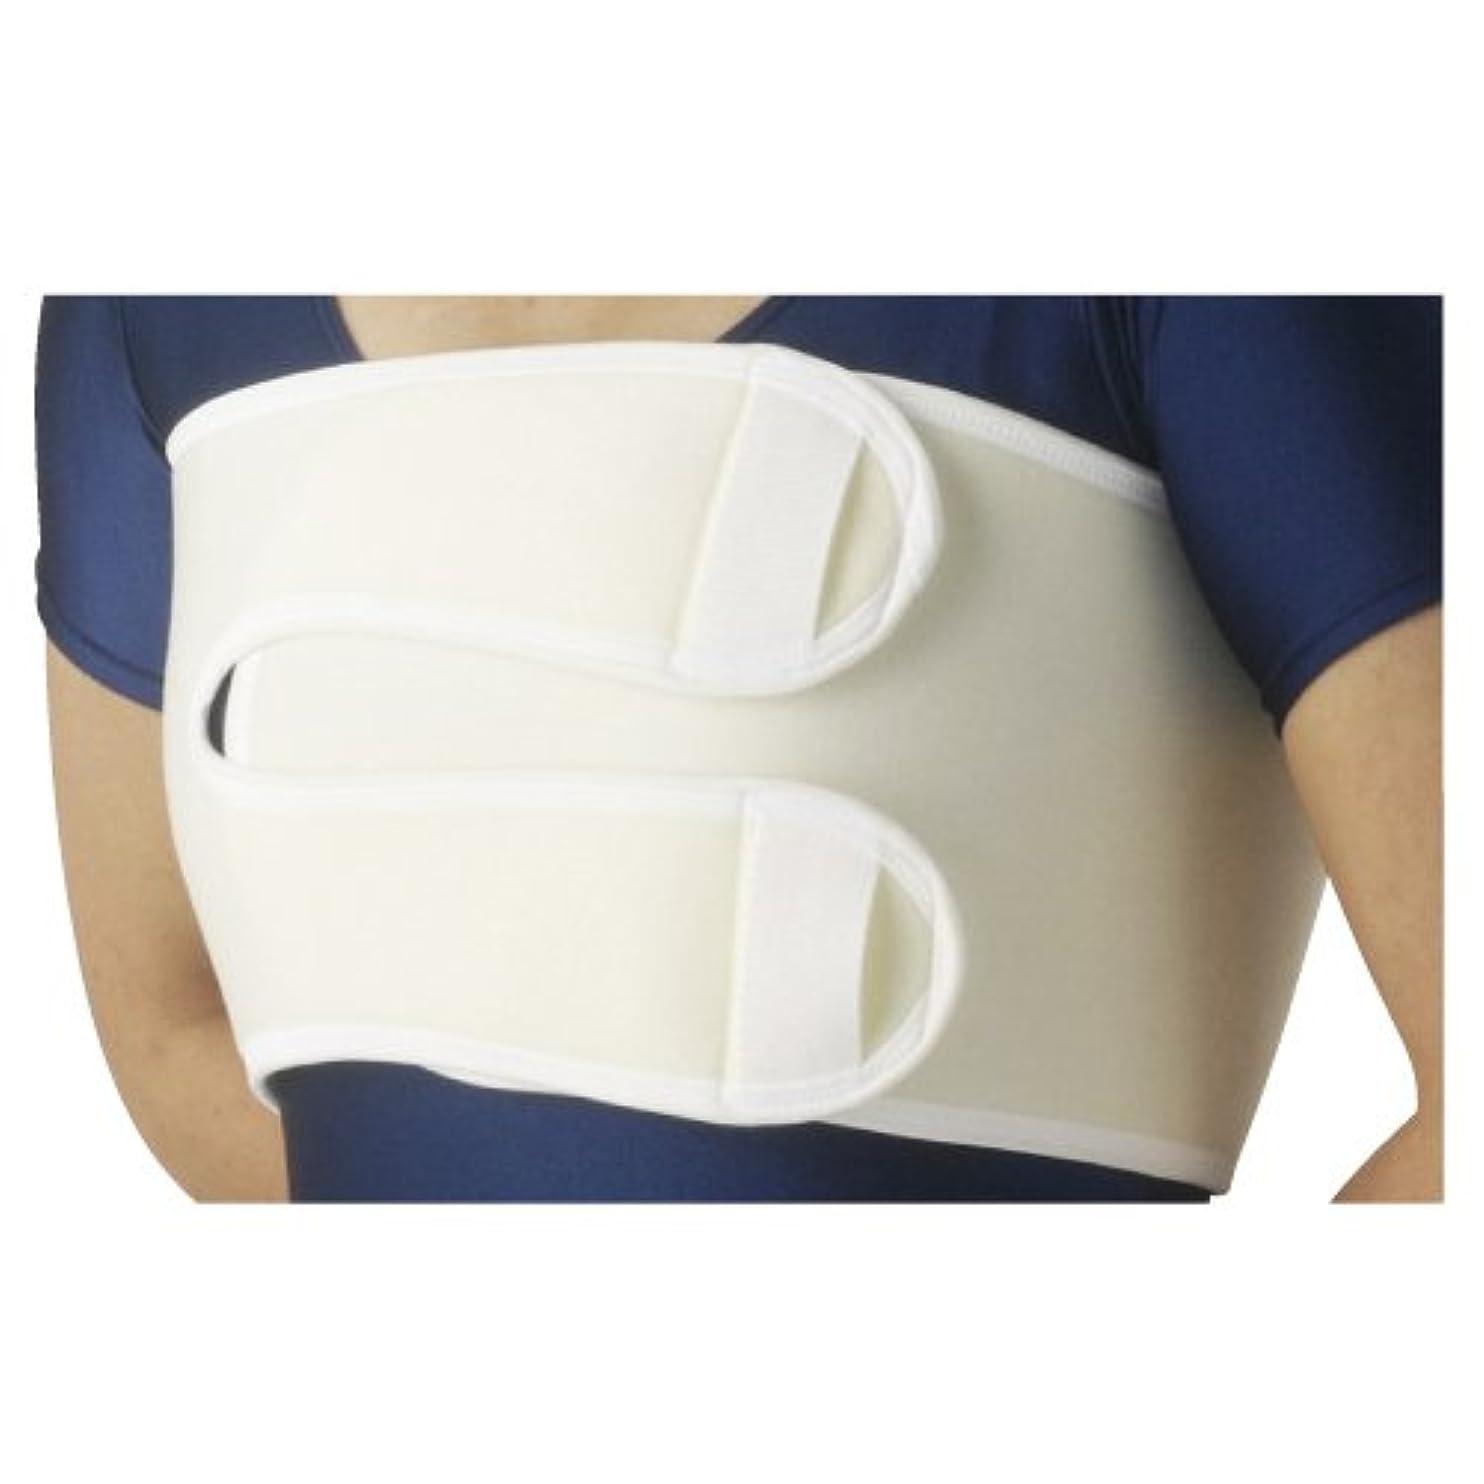 必需品全部十分アドールE L 033054 胸部固定帯 竹虎メディカル